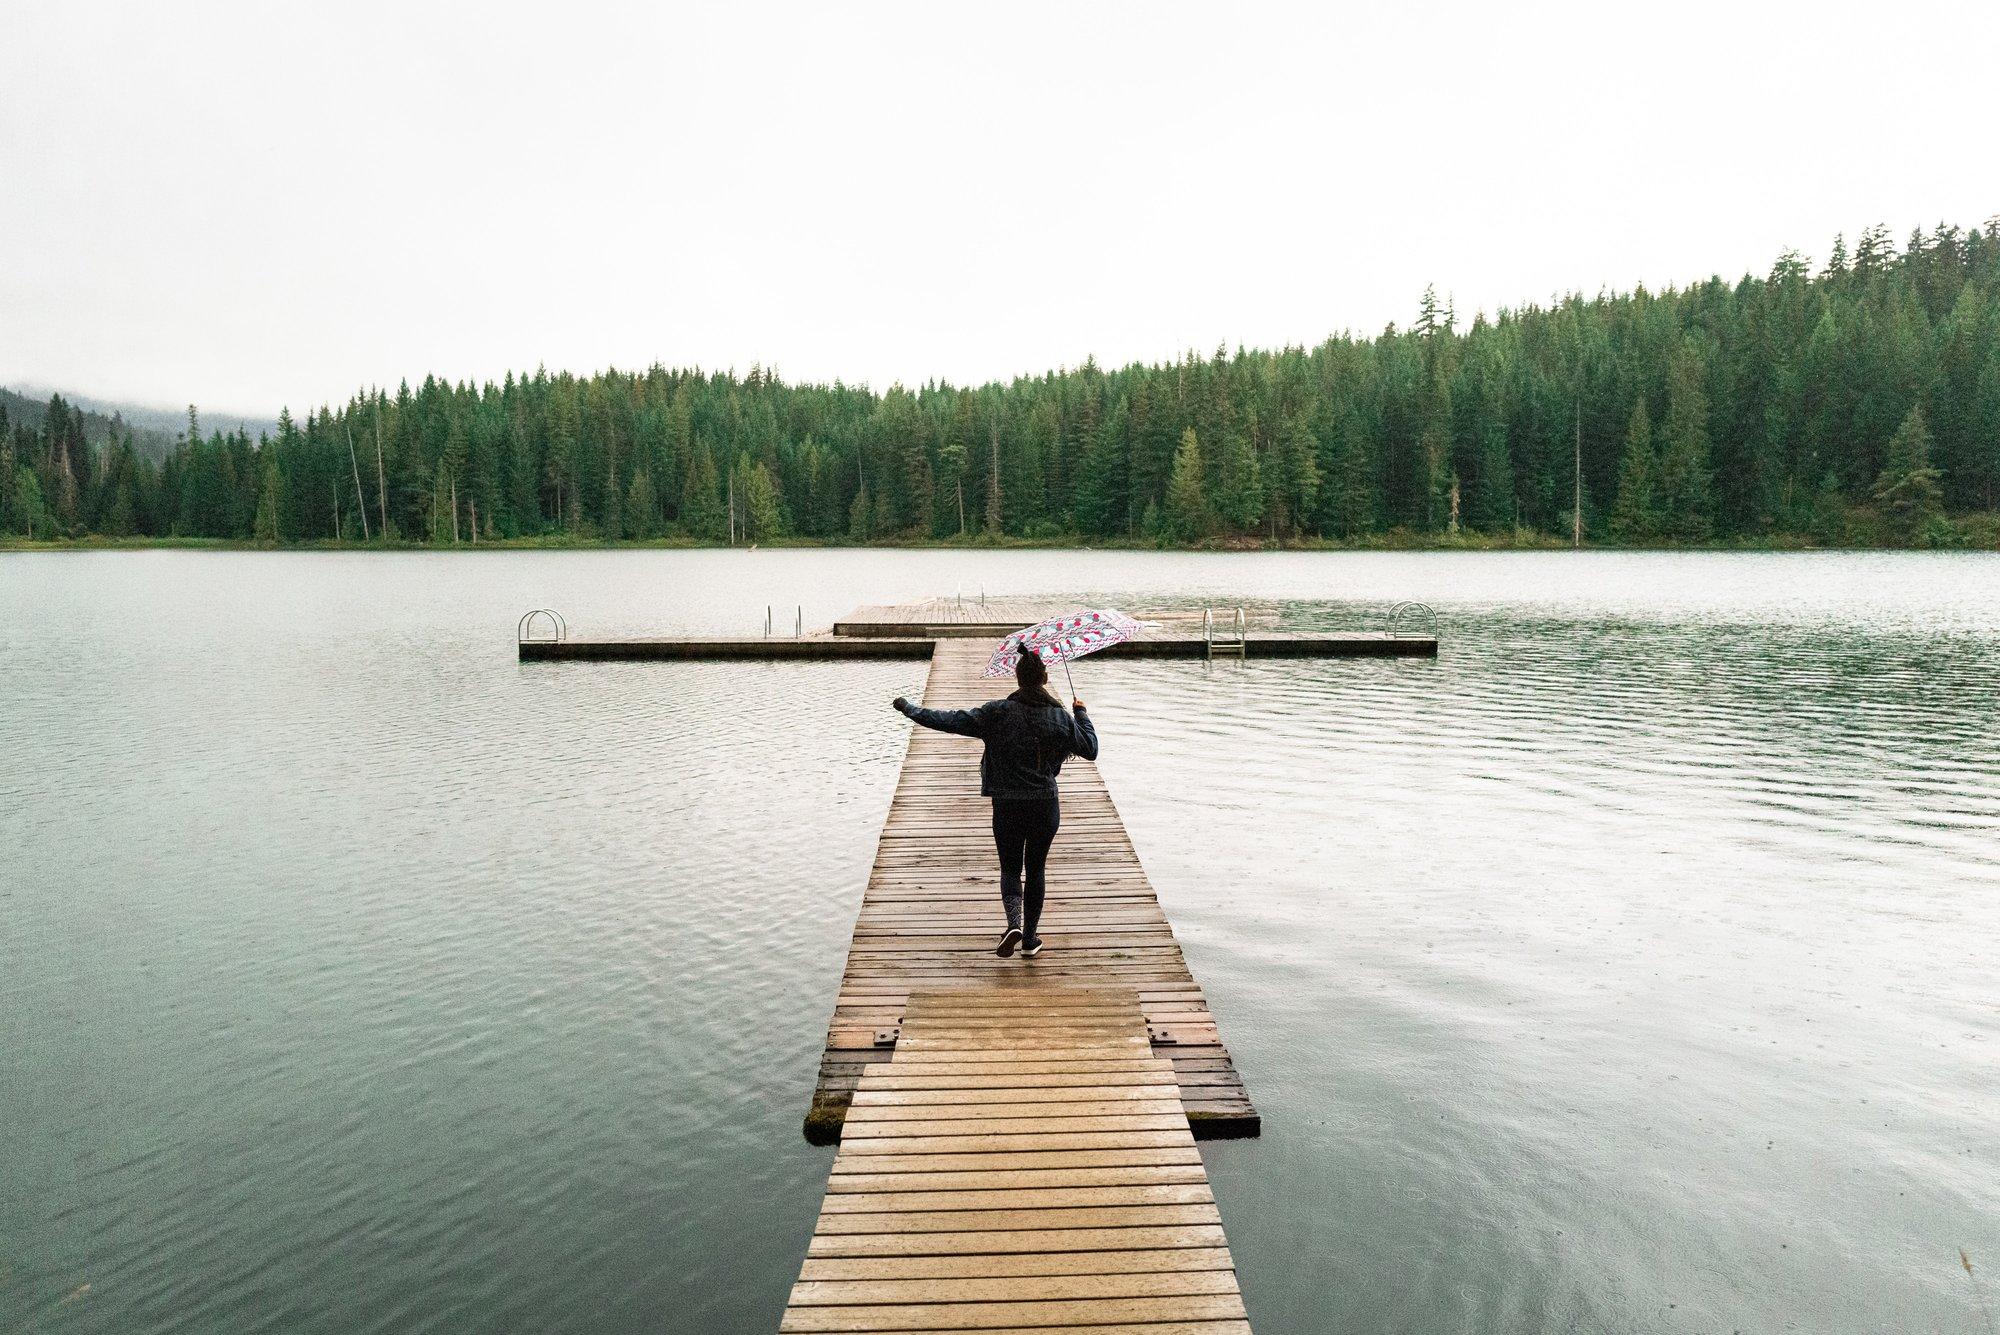 người phụ nữ đứng ở cầu